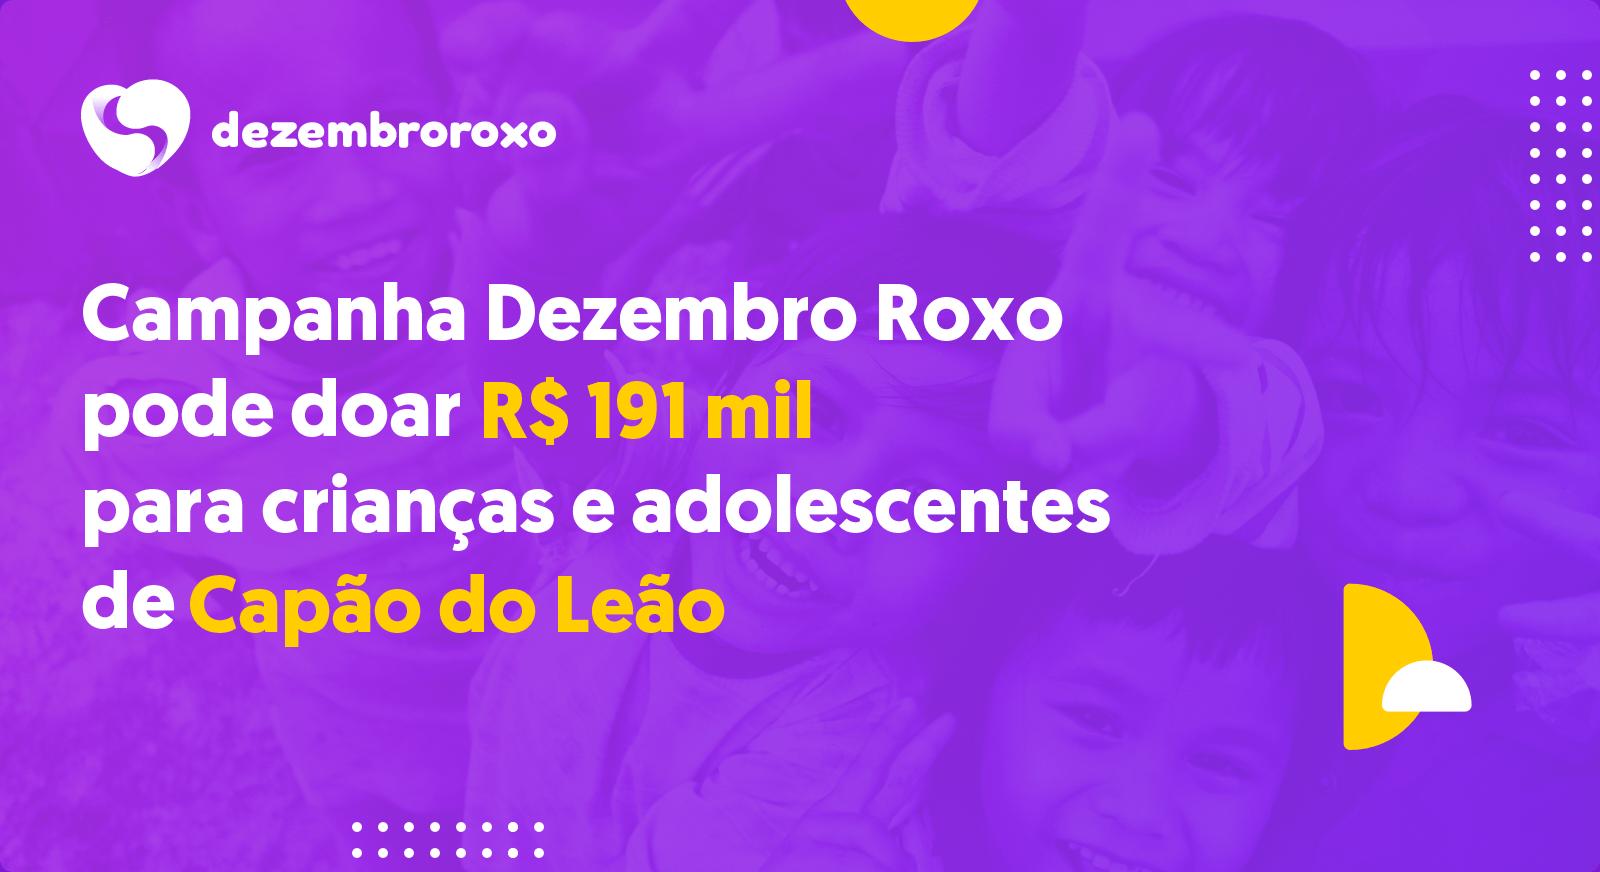 Doações em Capão do Leão - RS